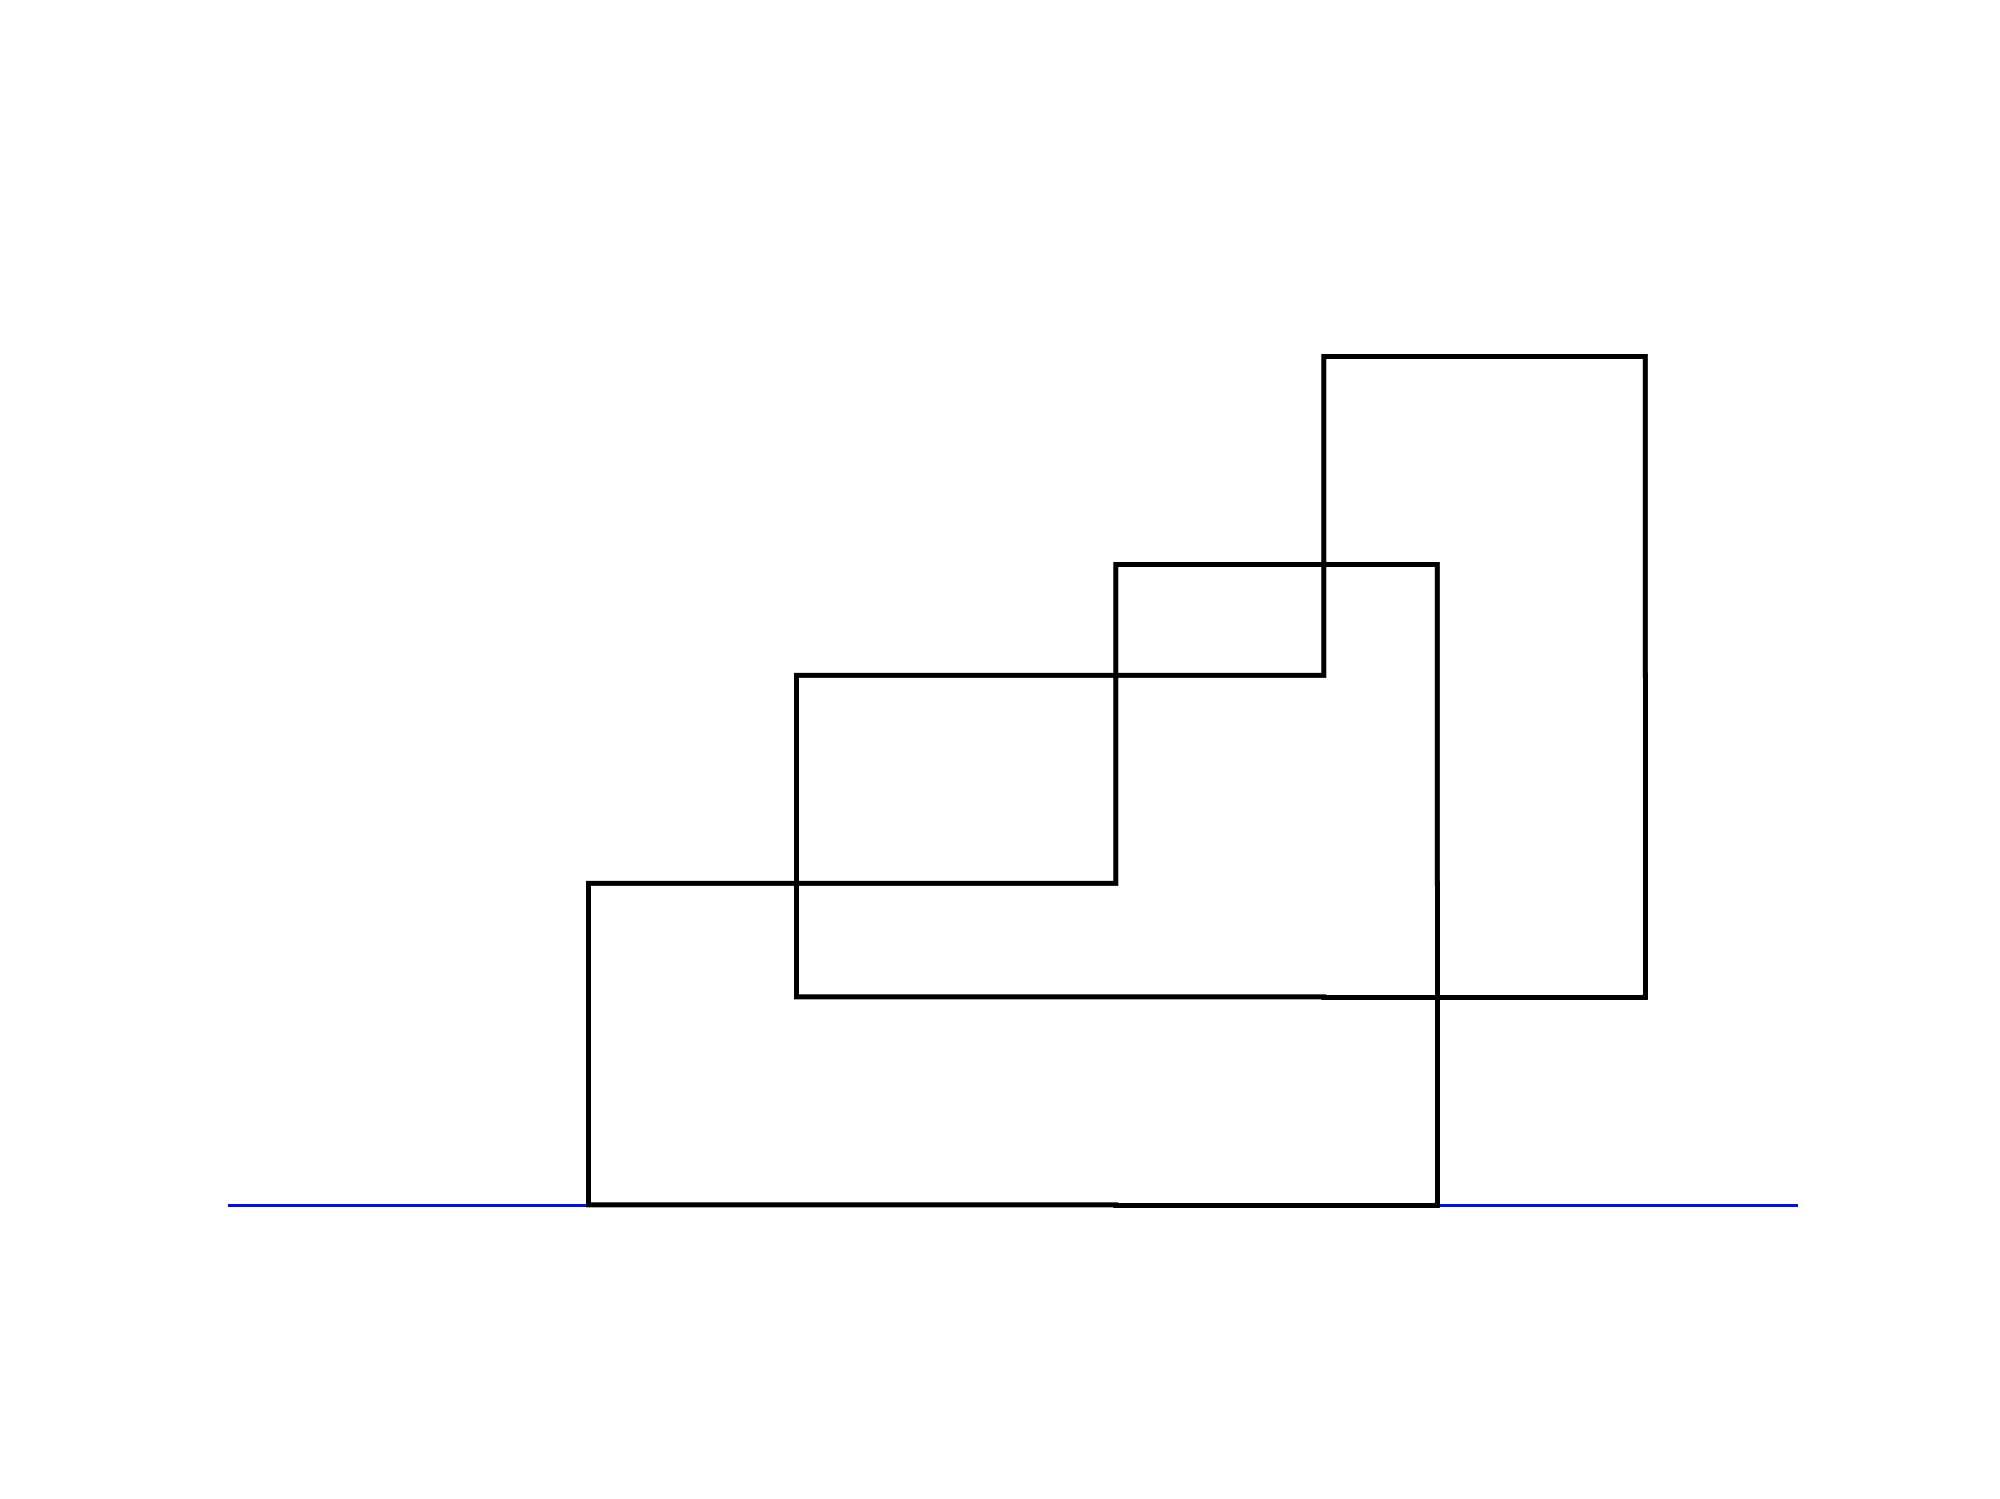 傾斜立面図描き方②